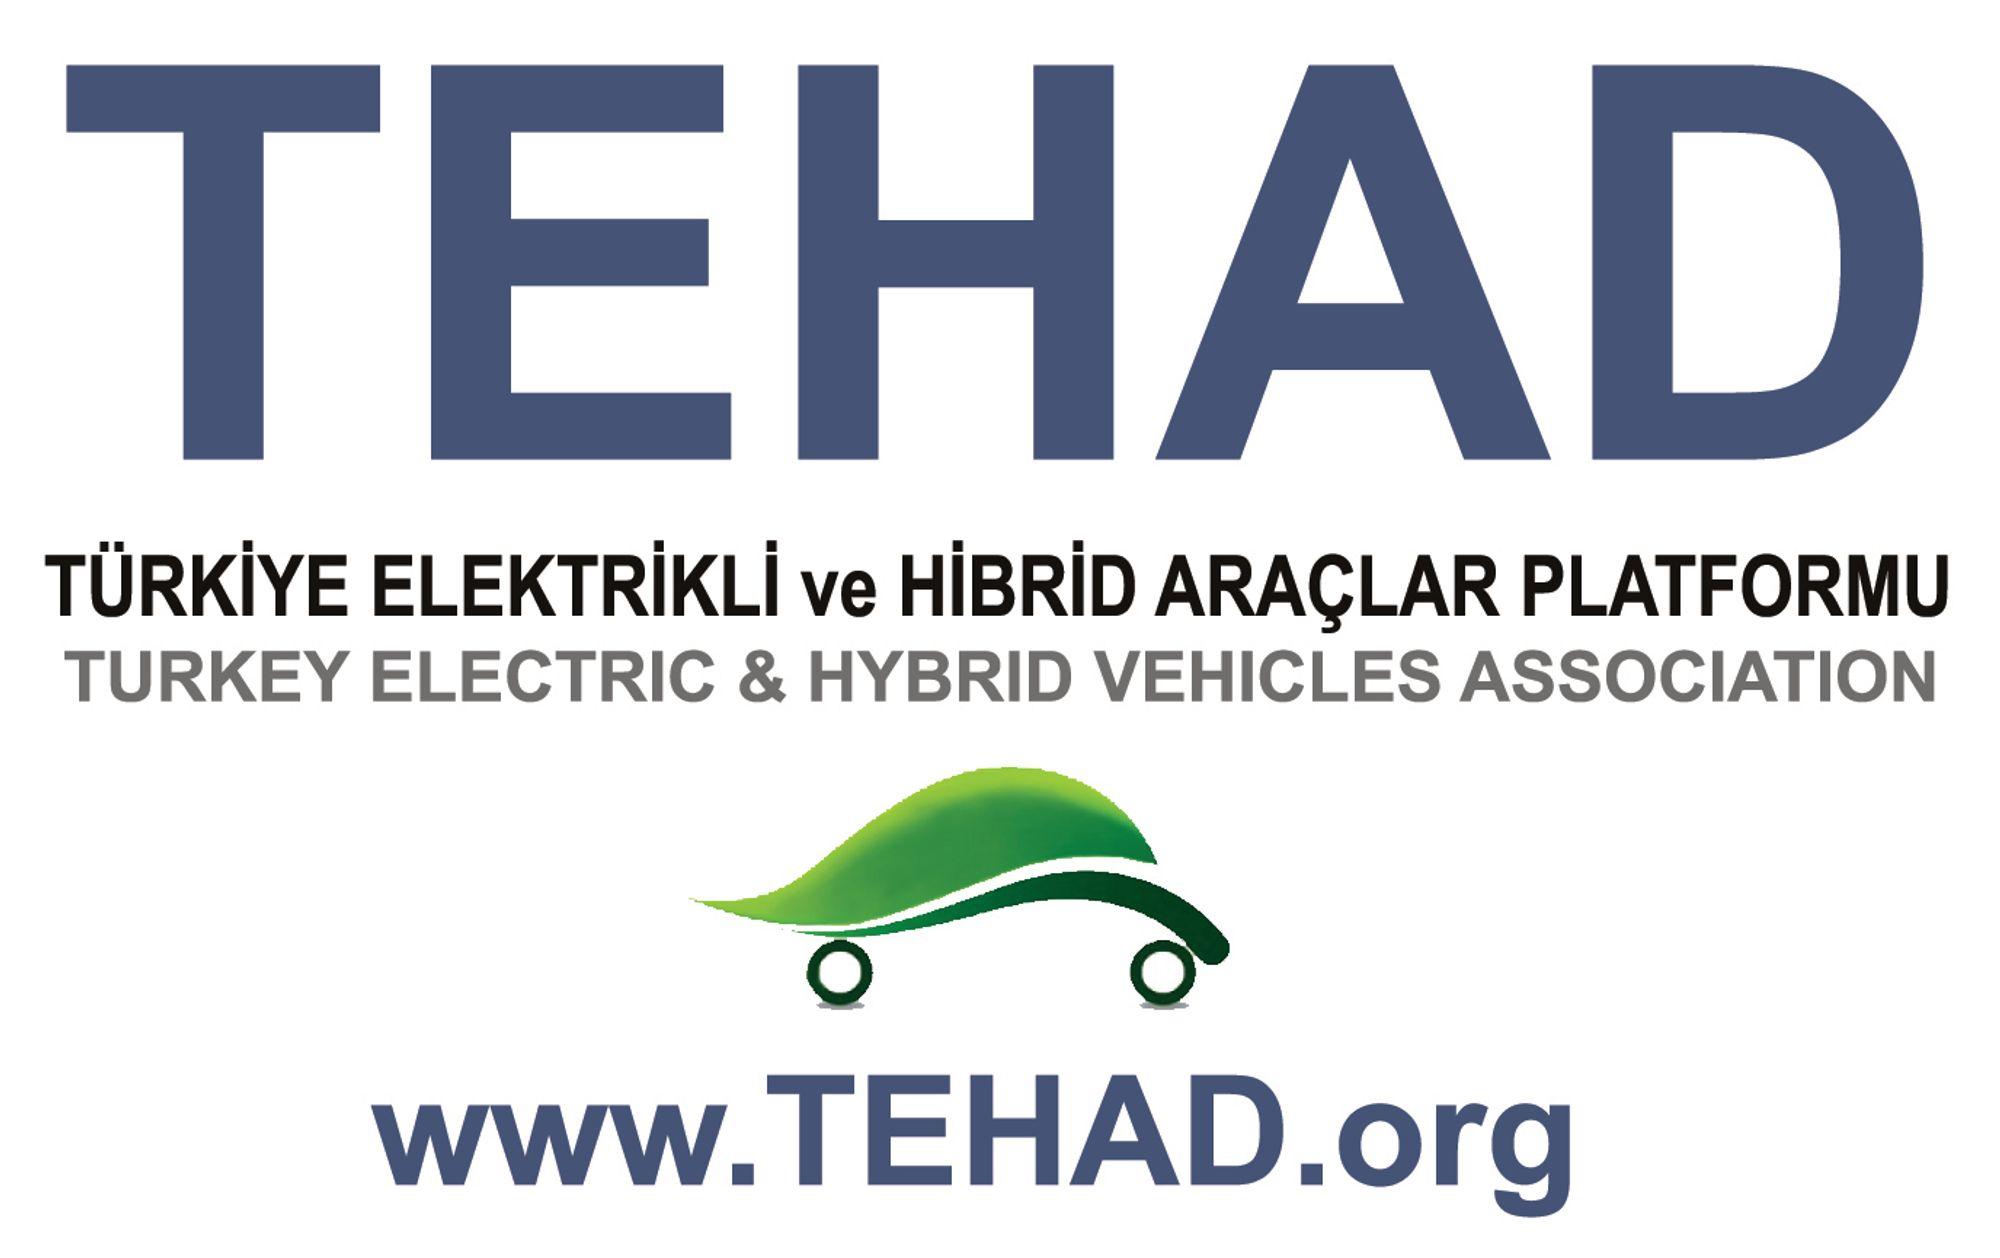 Tehad